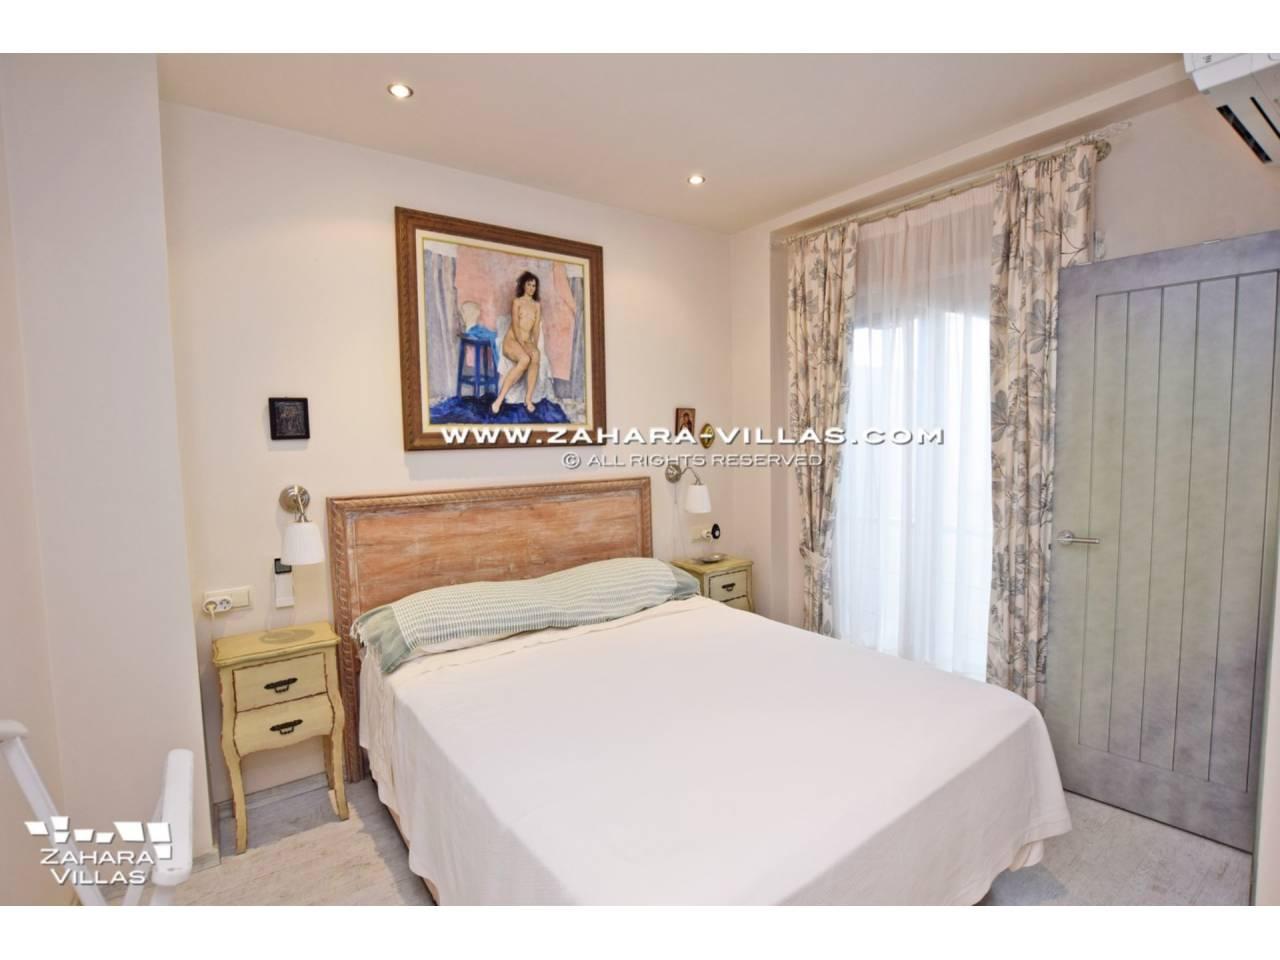 Imagen 13 de House for sale in Zahara de los Atunes